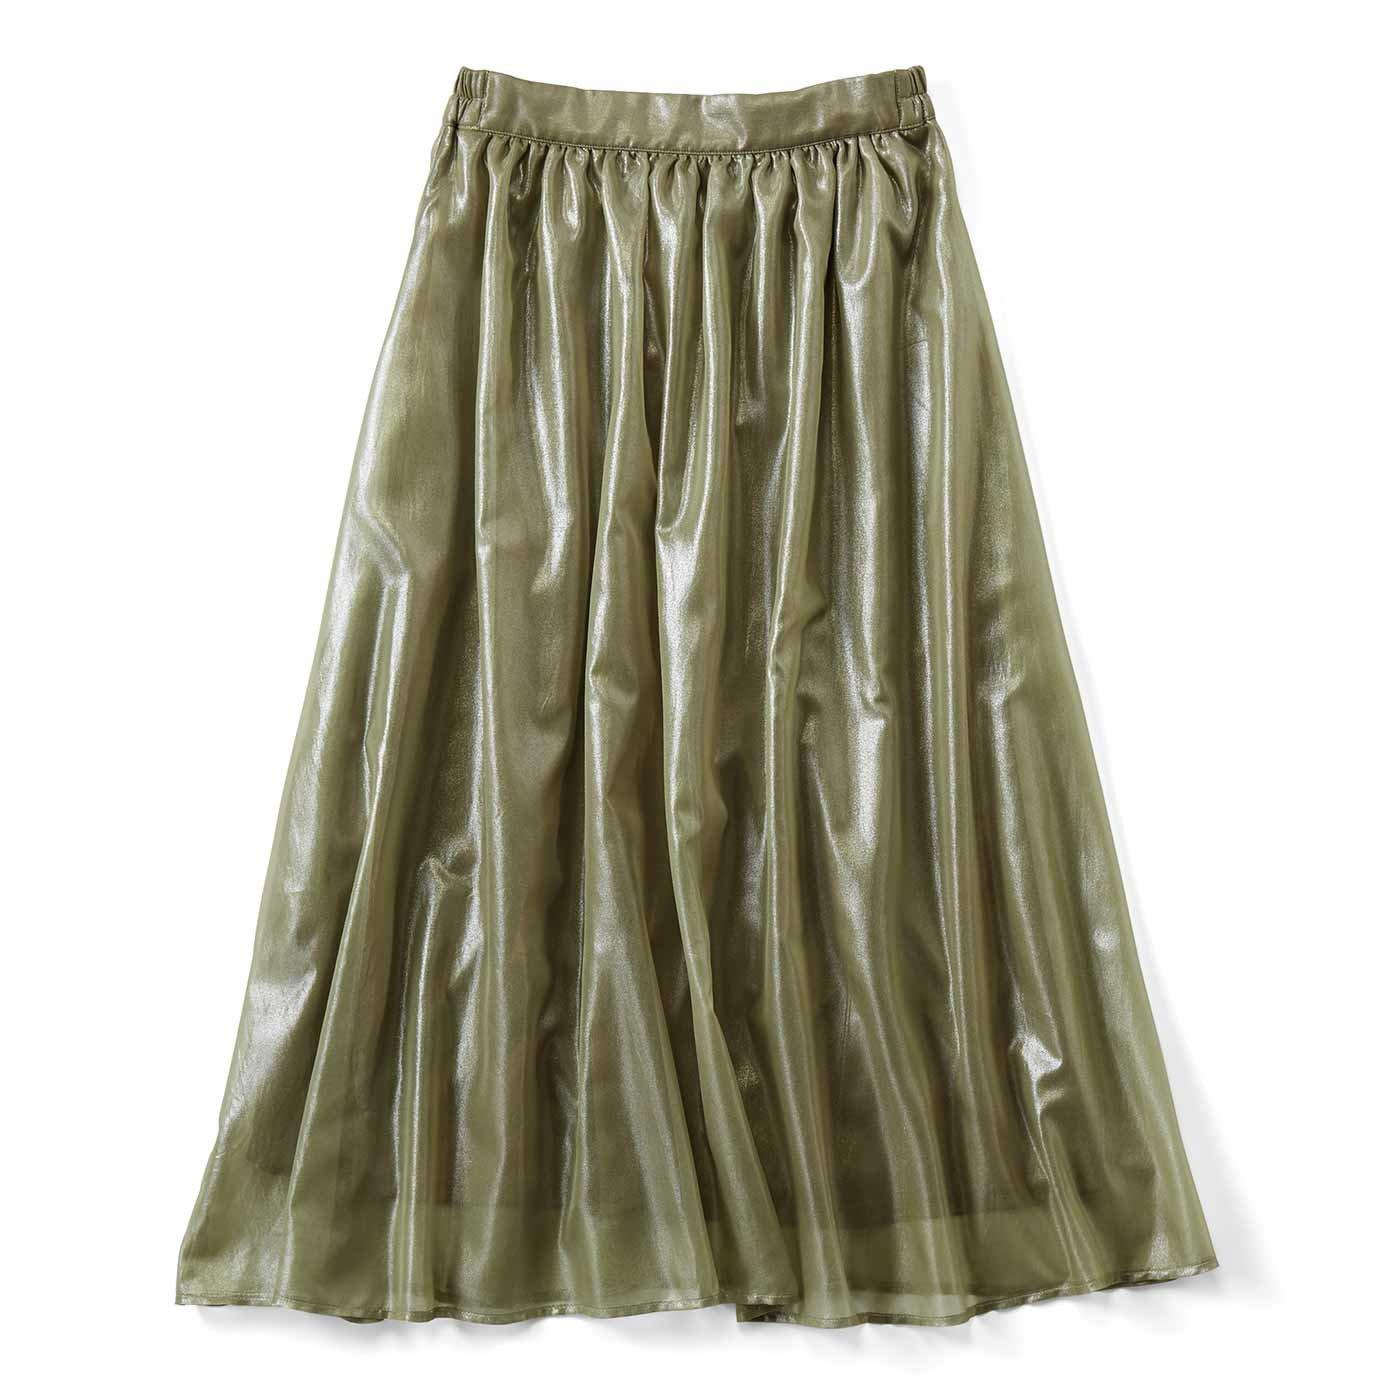 ふわふわ軽やか 箔プリントのギャザースカート〈カーキ〉